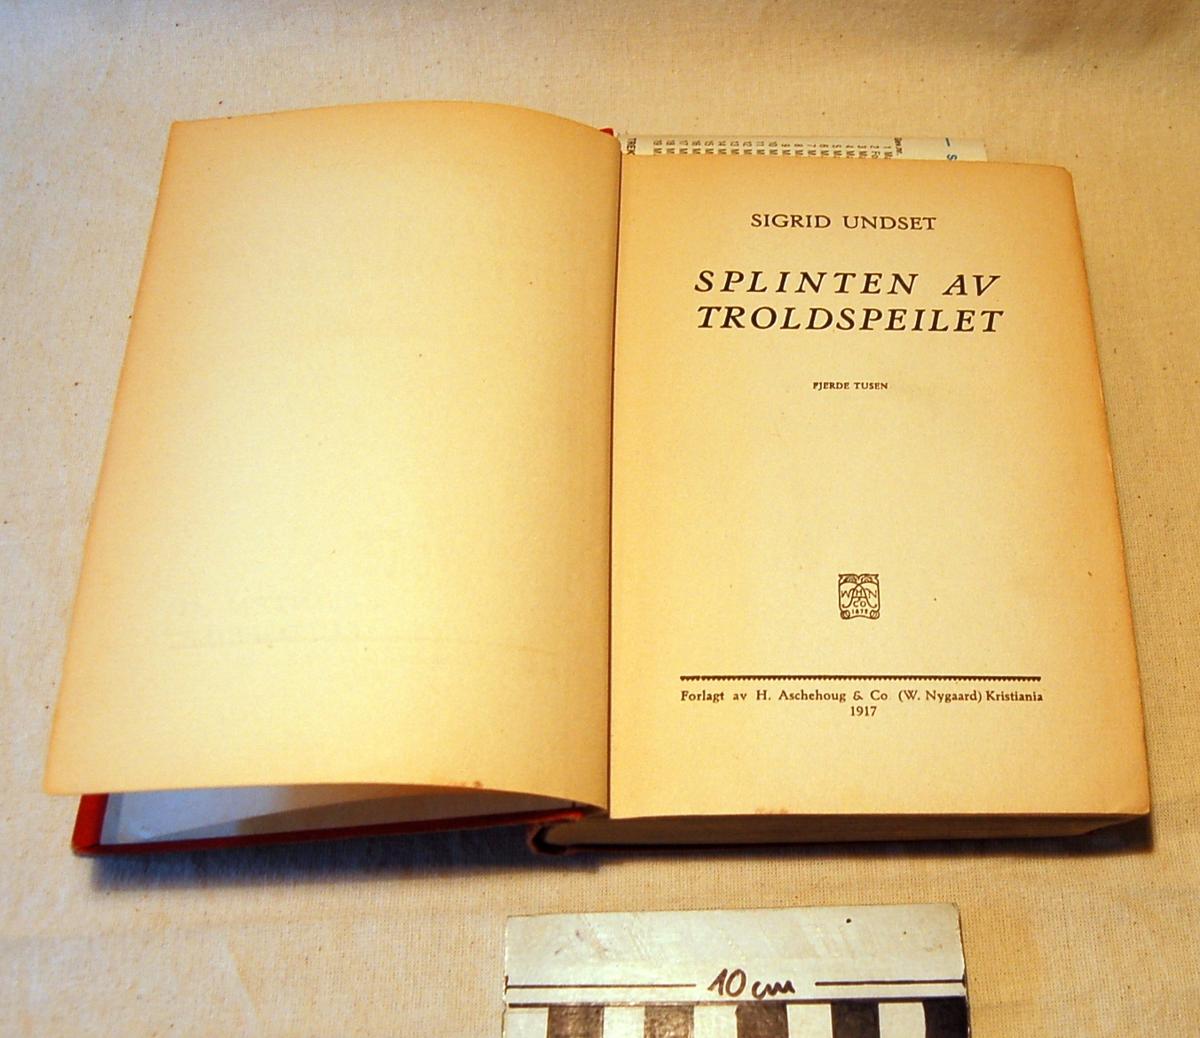 På forsiden en myk bølgende ramme rundt bokens tittel